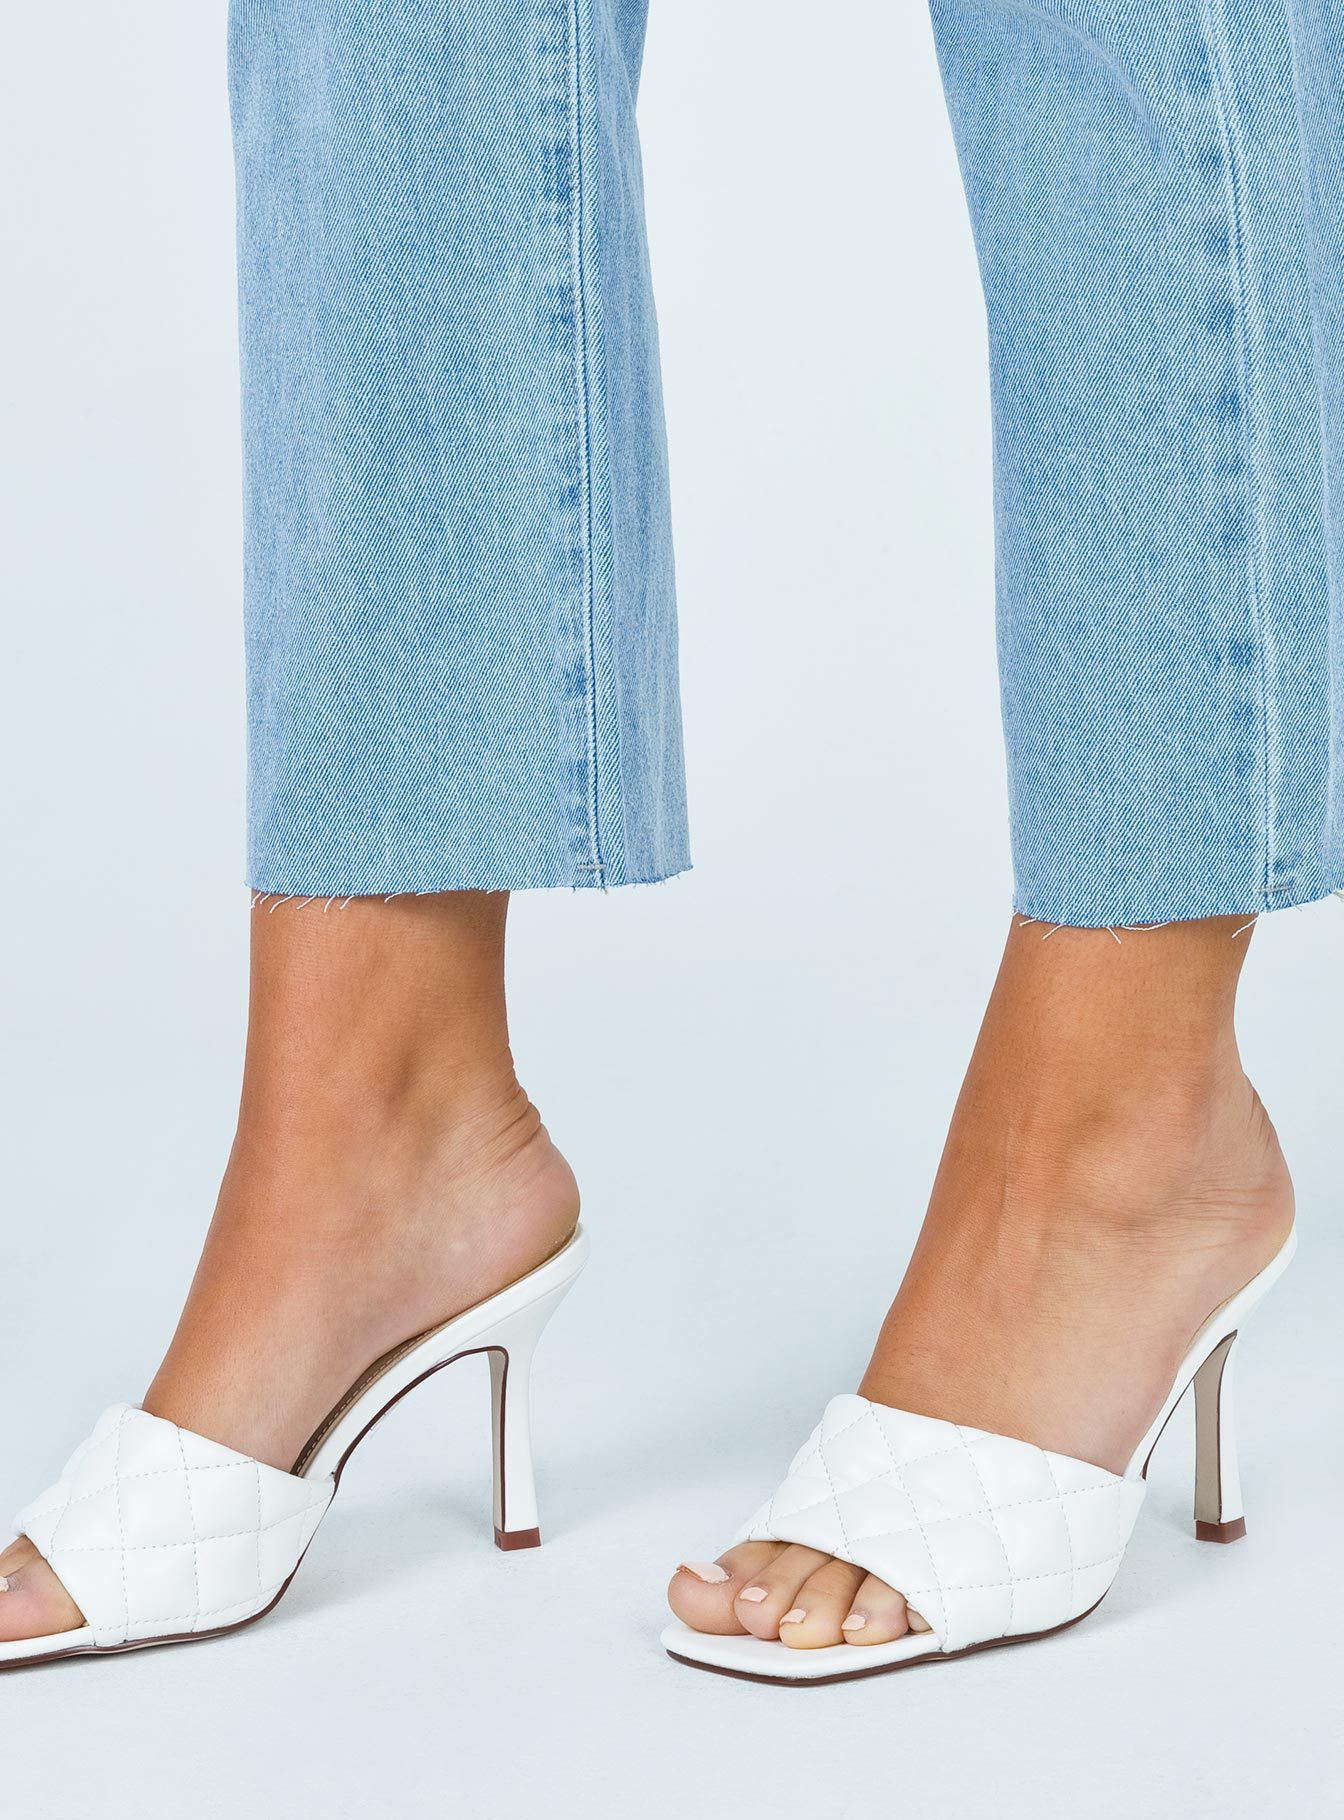 Heels (Side A)